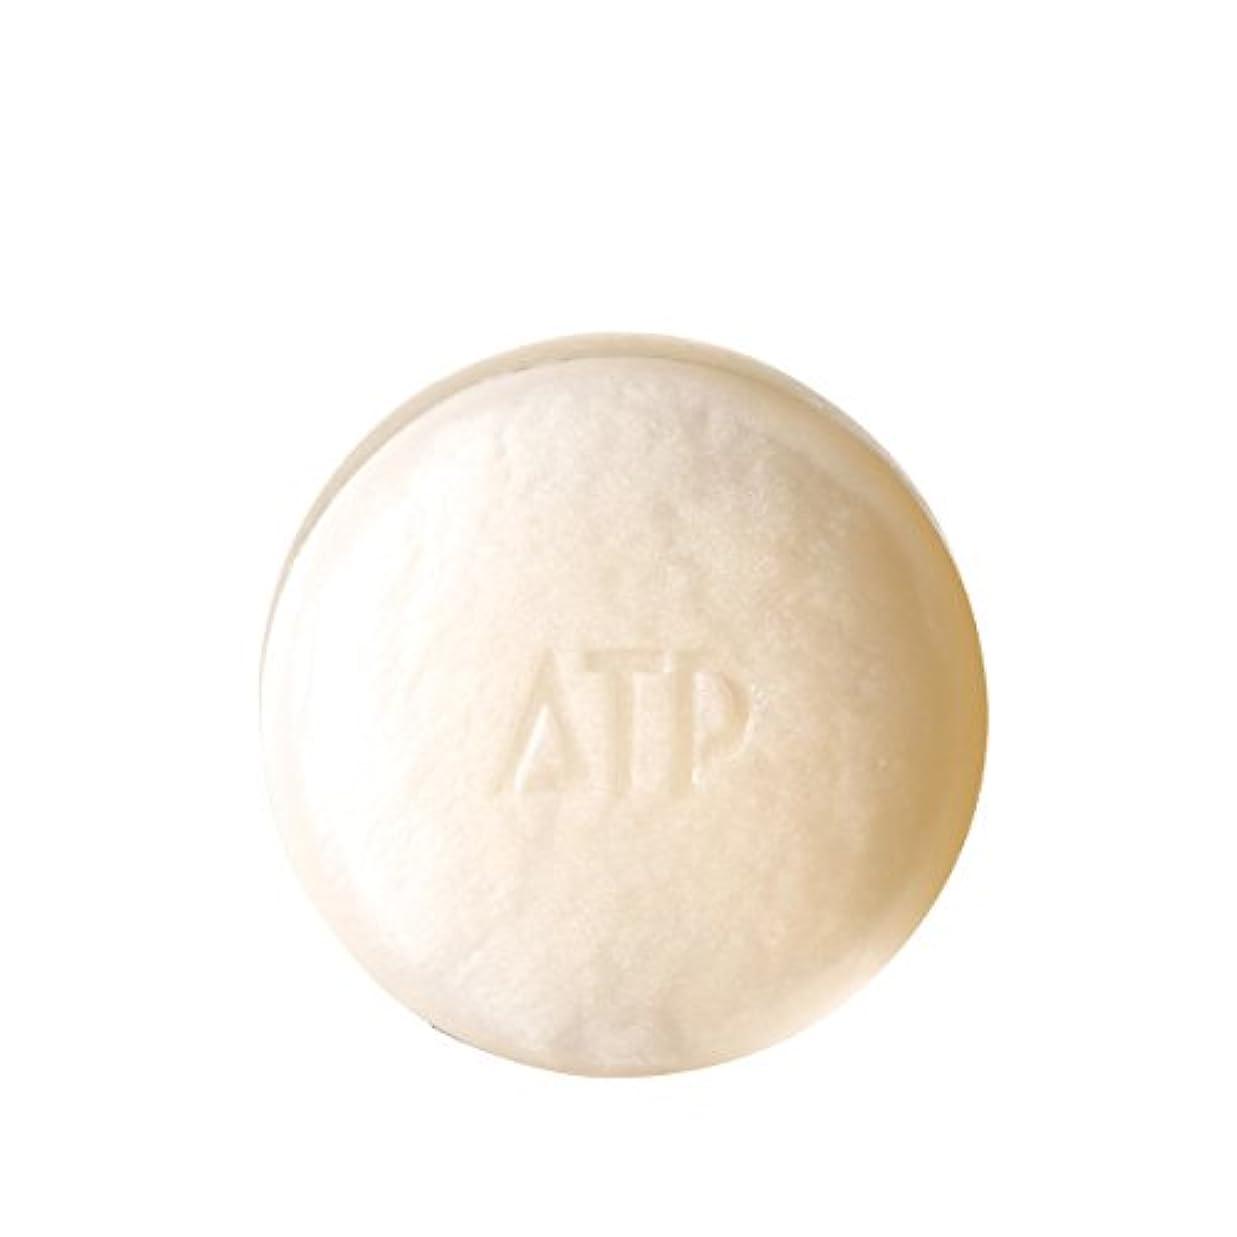 触覚テクスチャー日の出ラシンシア ATP デリケアソープ 100g 【全身用洗浄石けん】